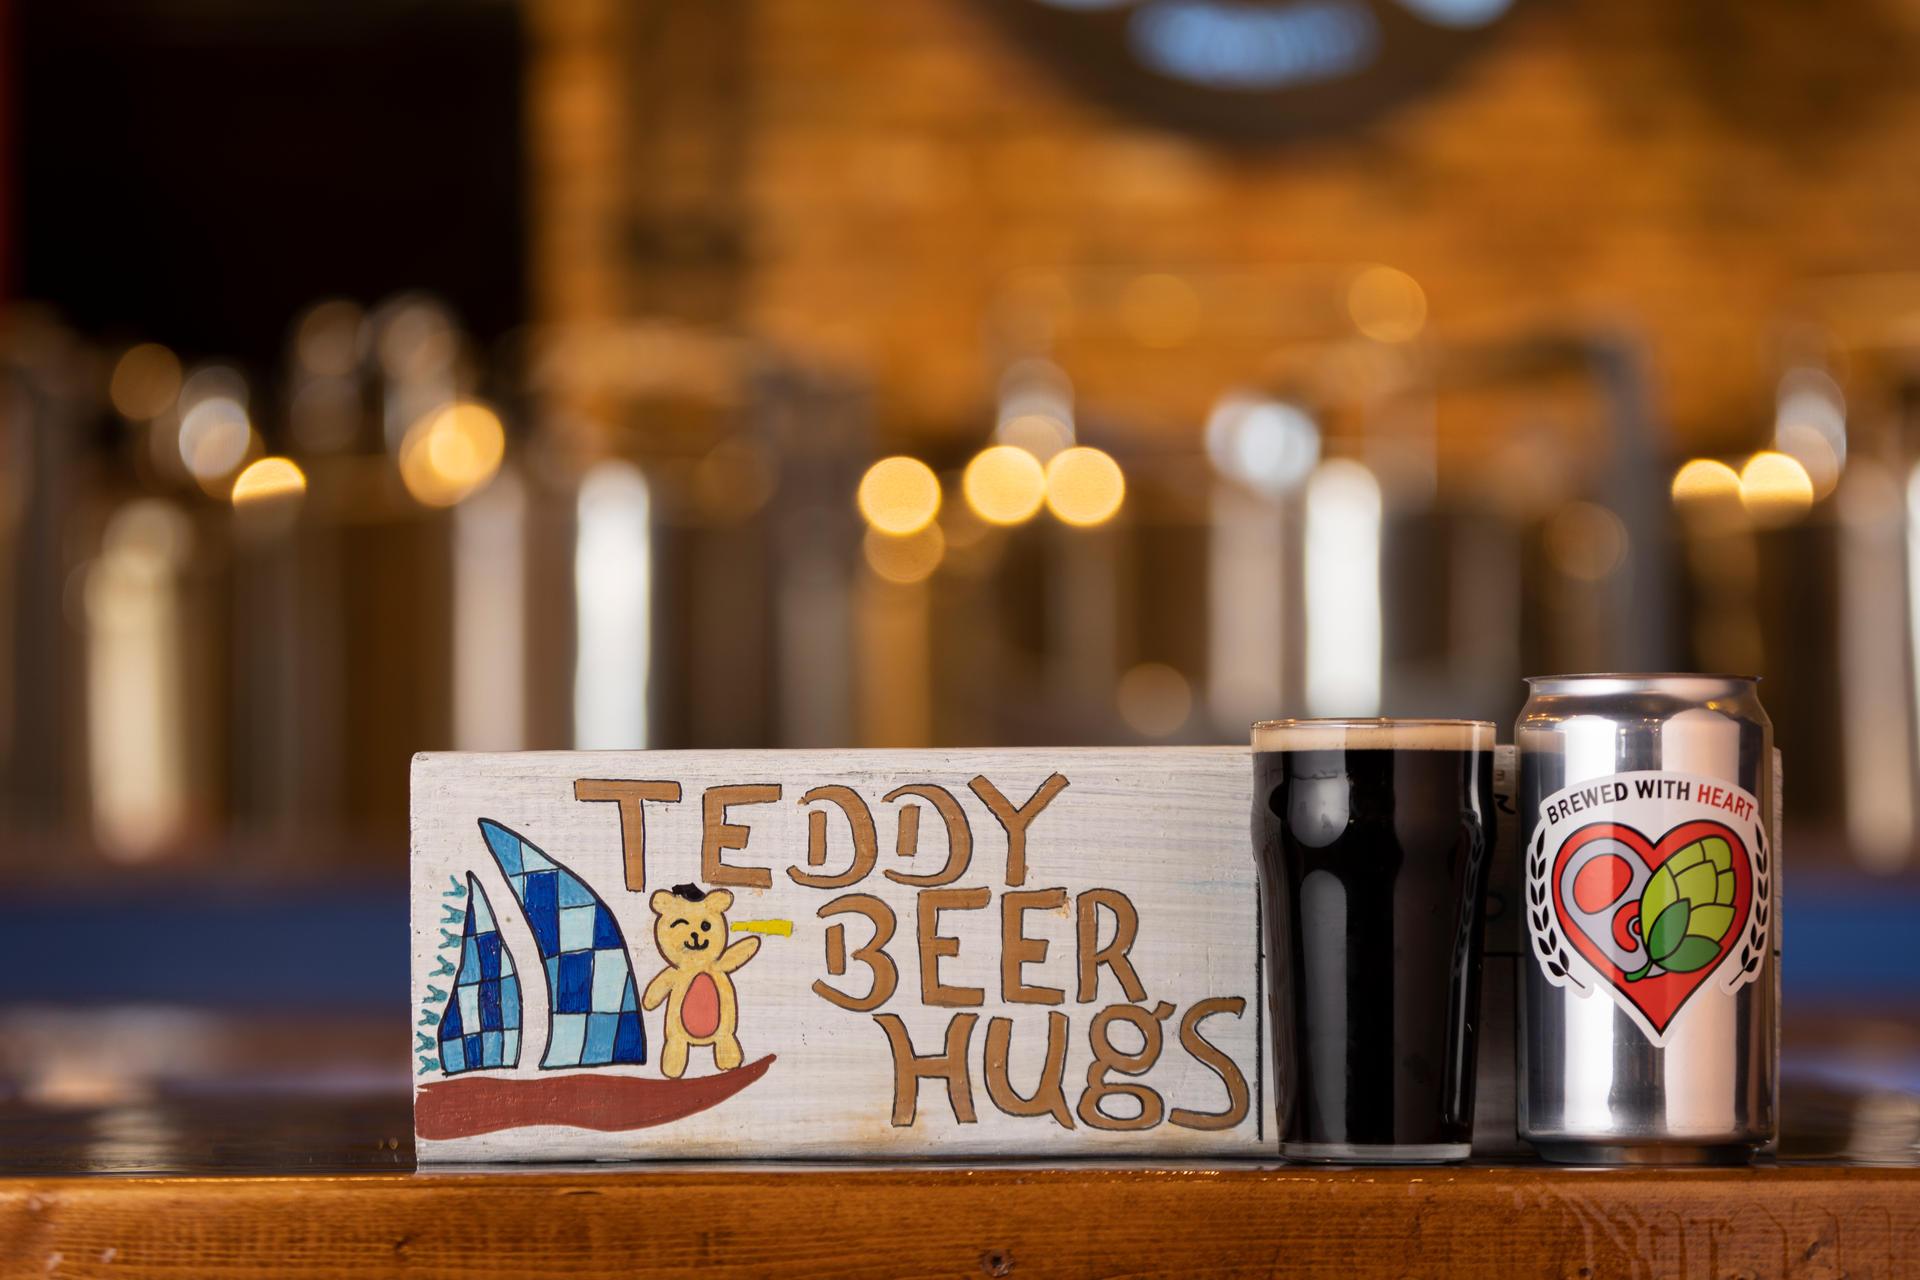 Teddy Beer Hugs - Chocolate Caramel Brown Ale